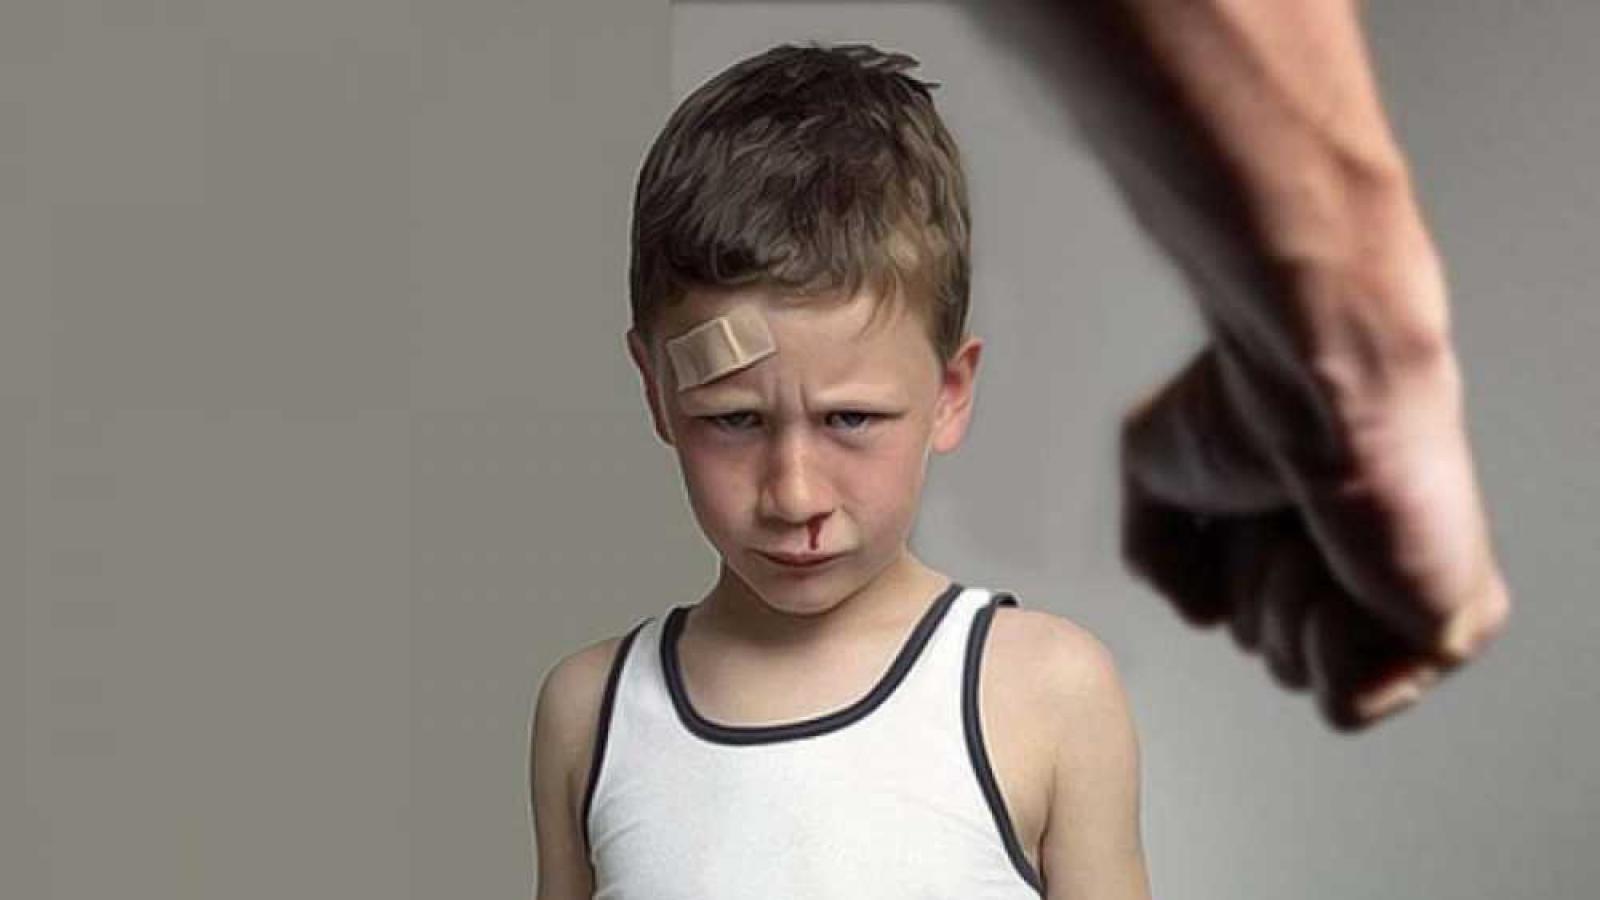 Вологжанина подозревают в жестоком избиении малышей